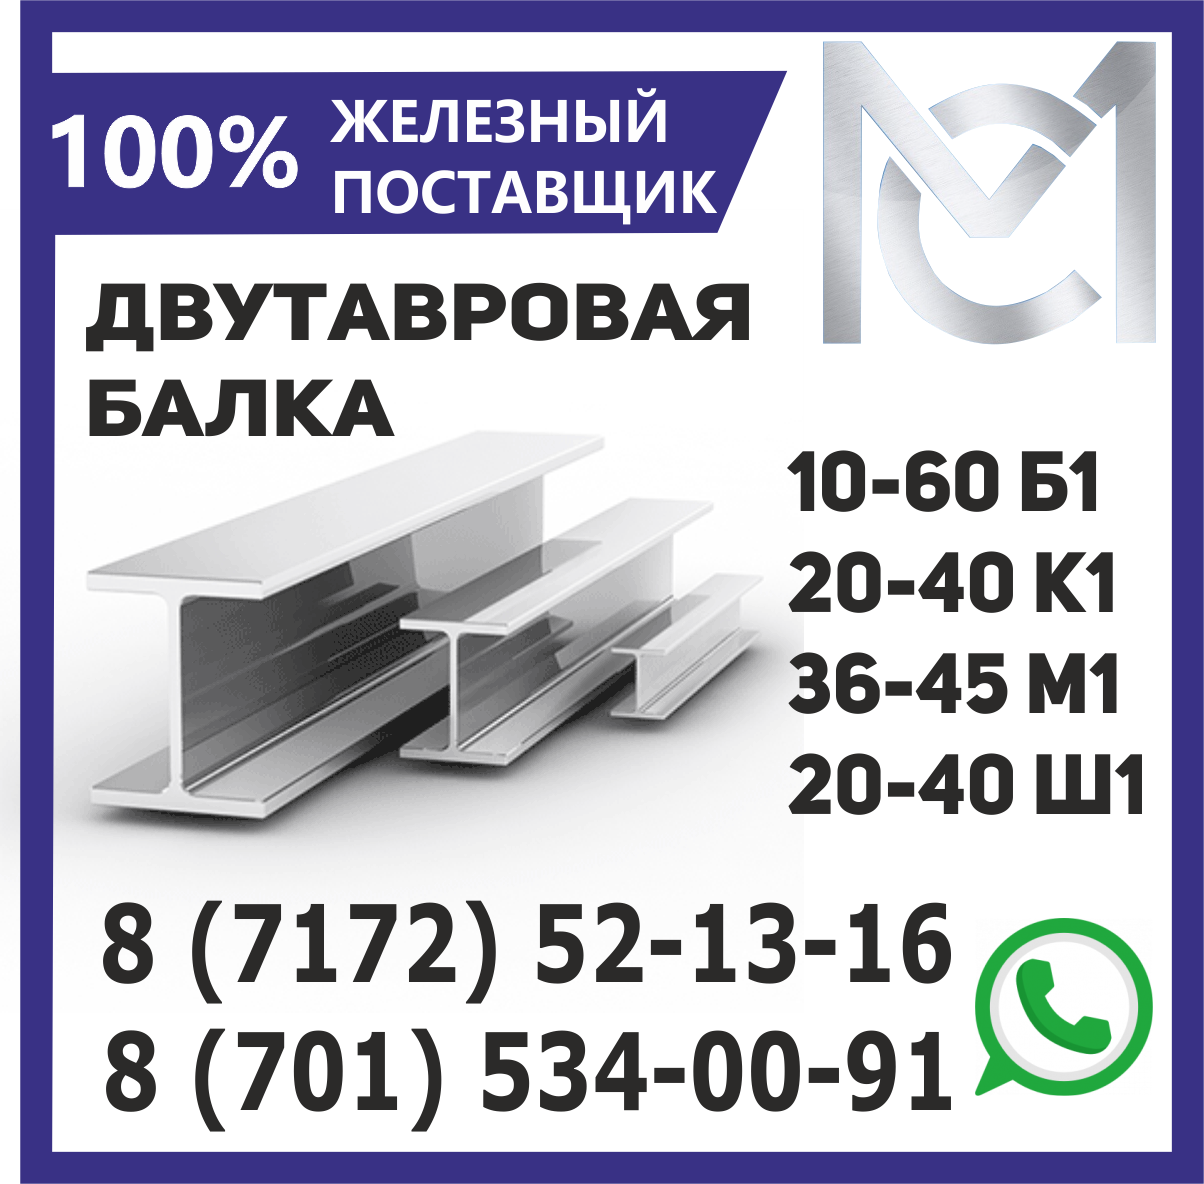 Балка 40 Ш1 двутавровая ГОСТ 8239-93 L 12,0 метров